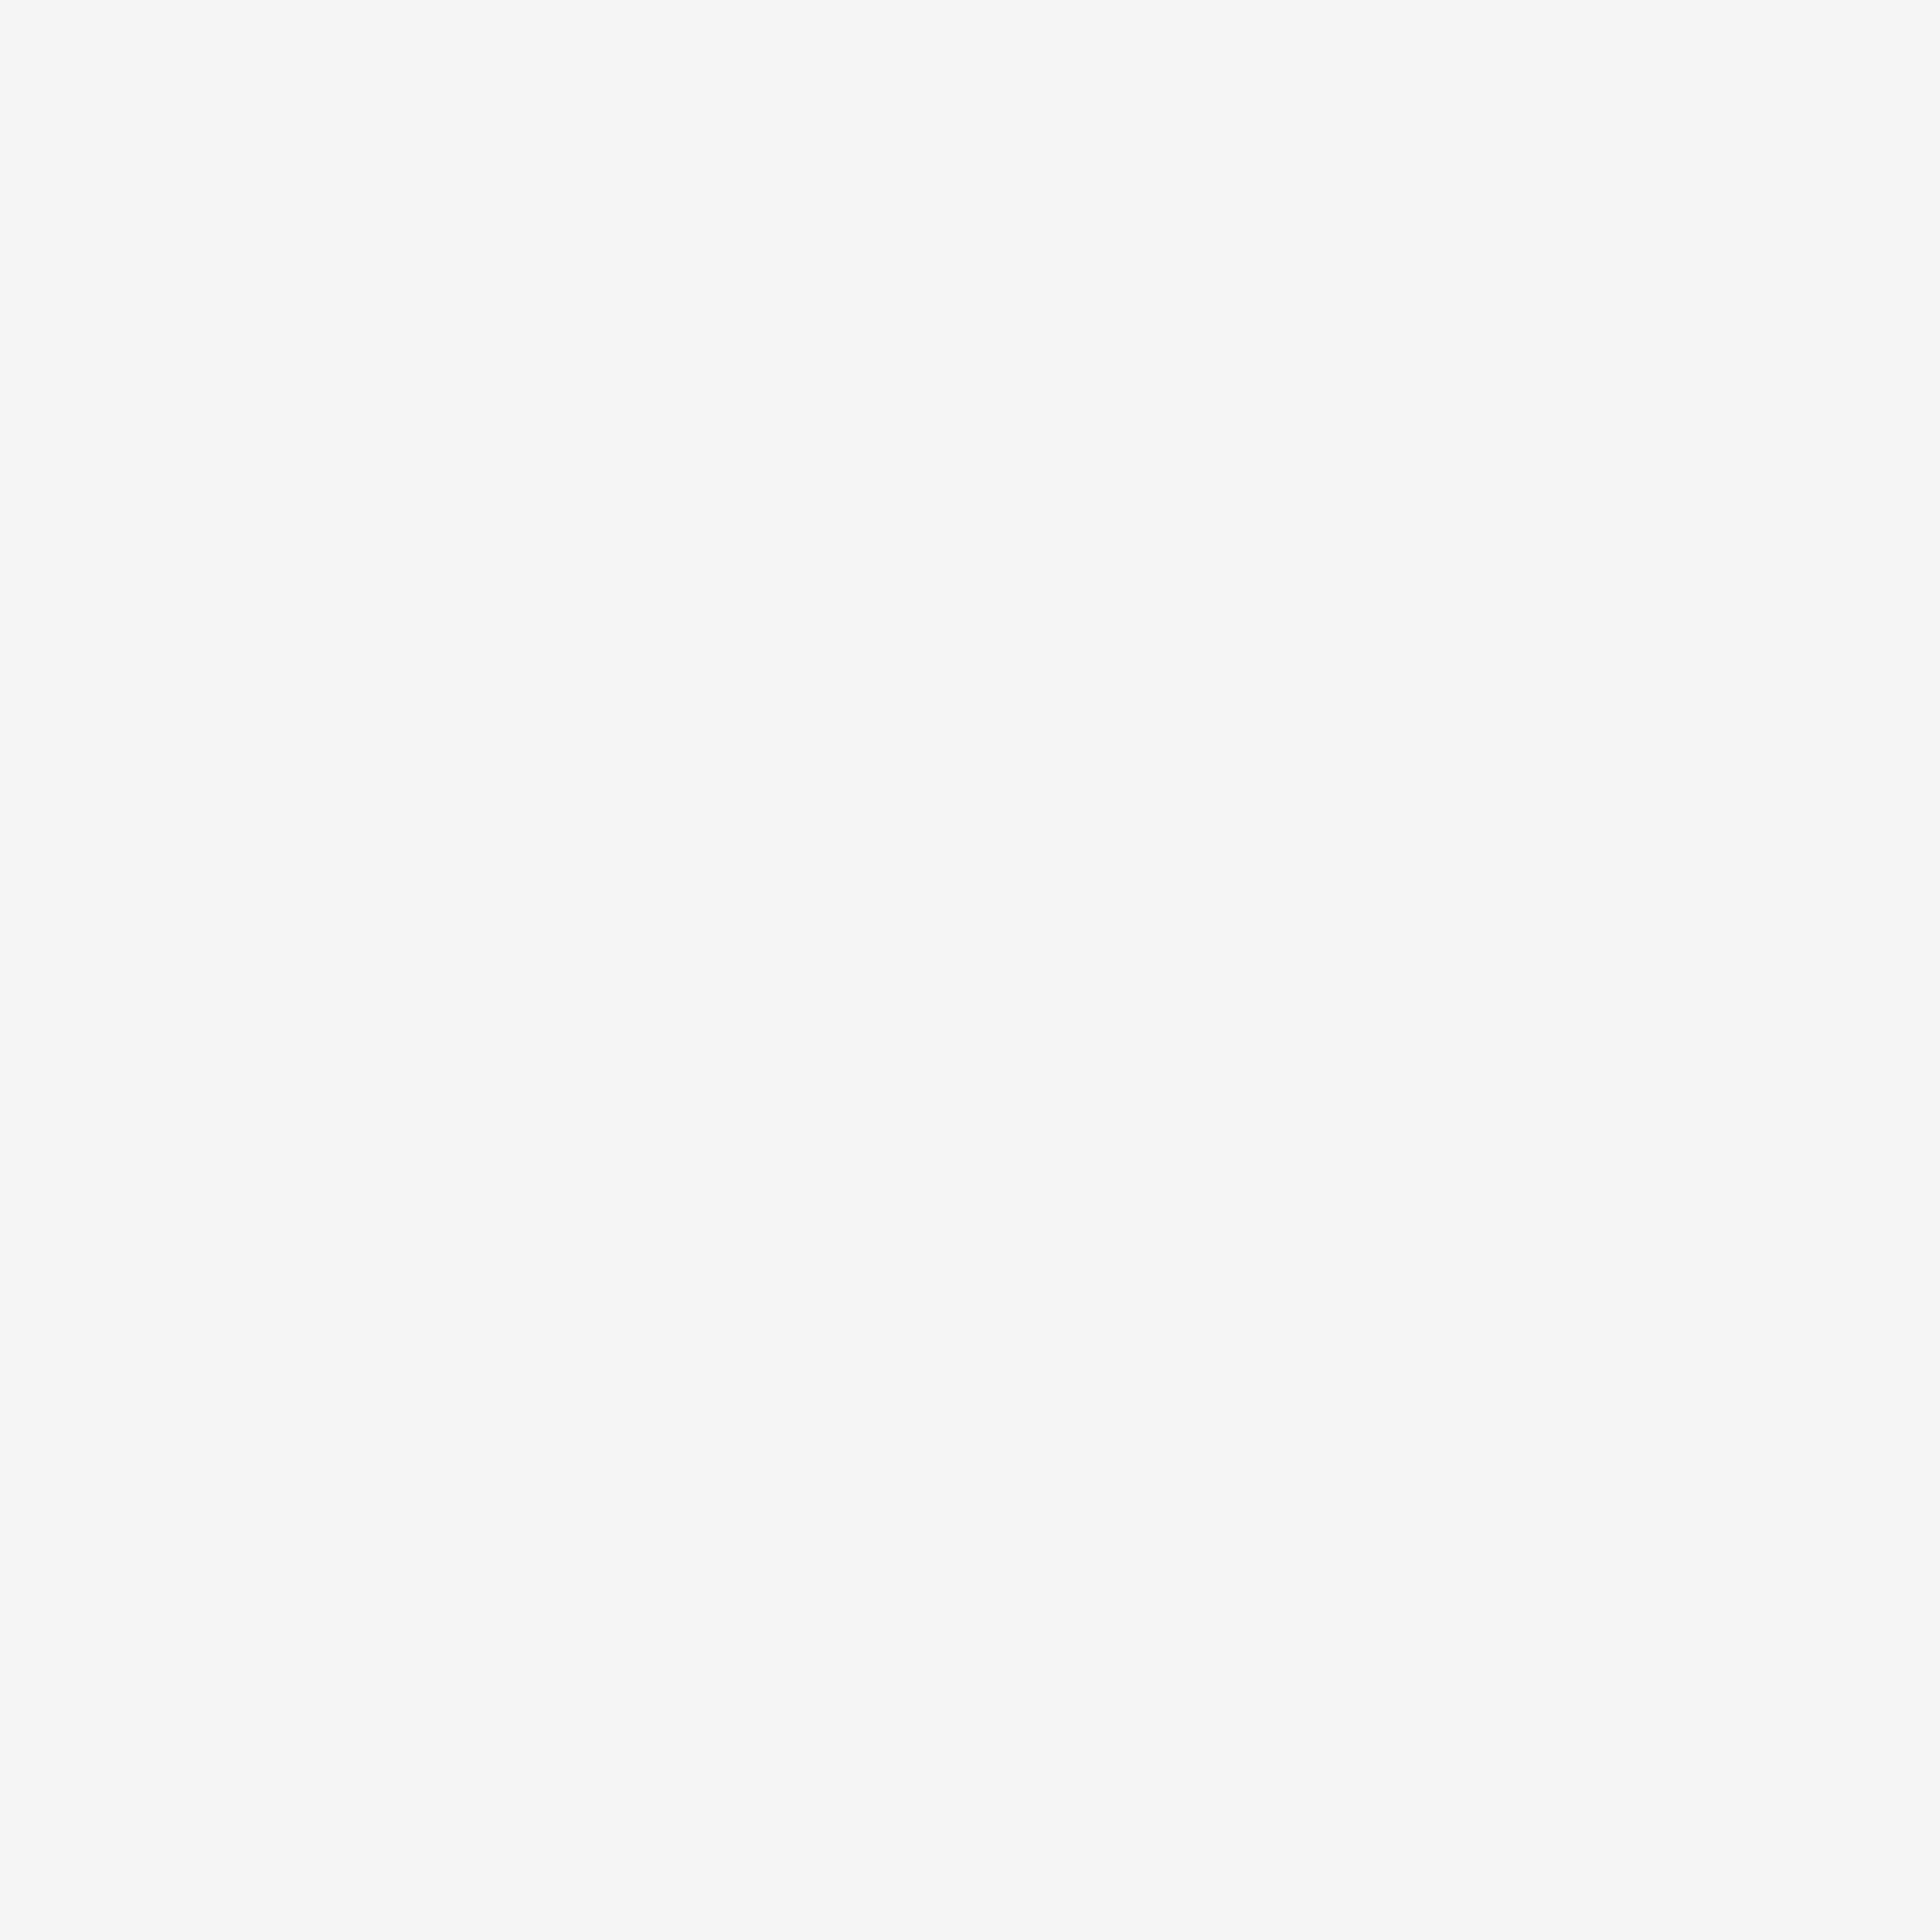 91353001dfb01d Recharge Footwear joanna Online-Bestellung